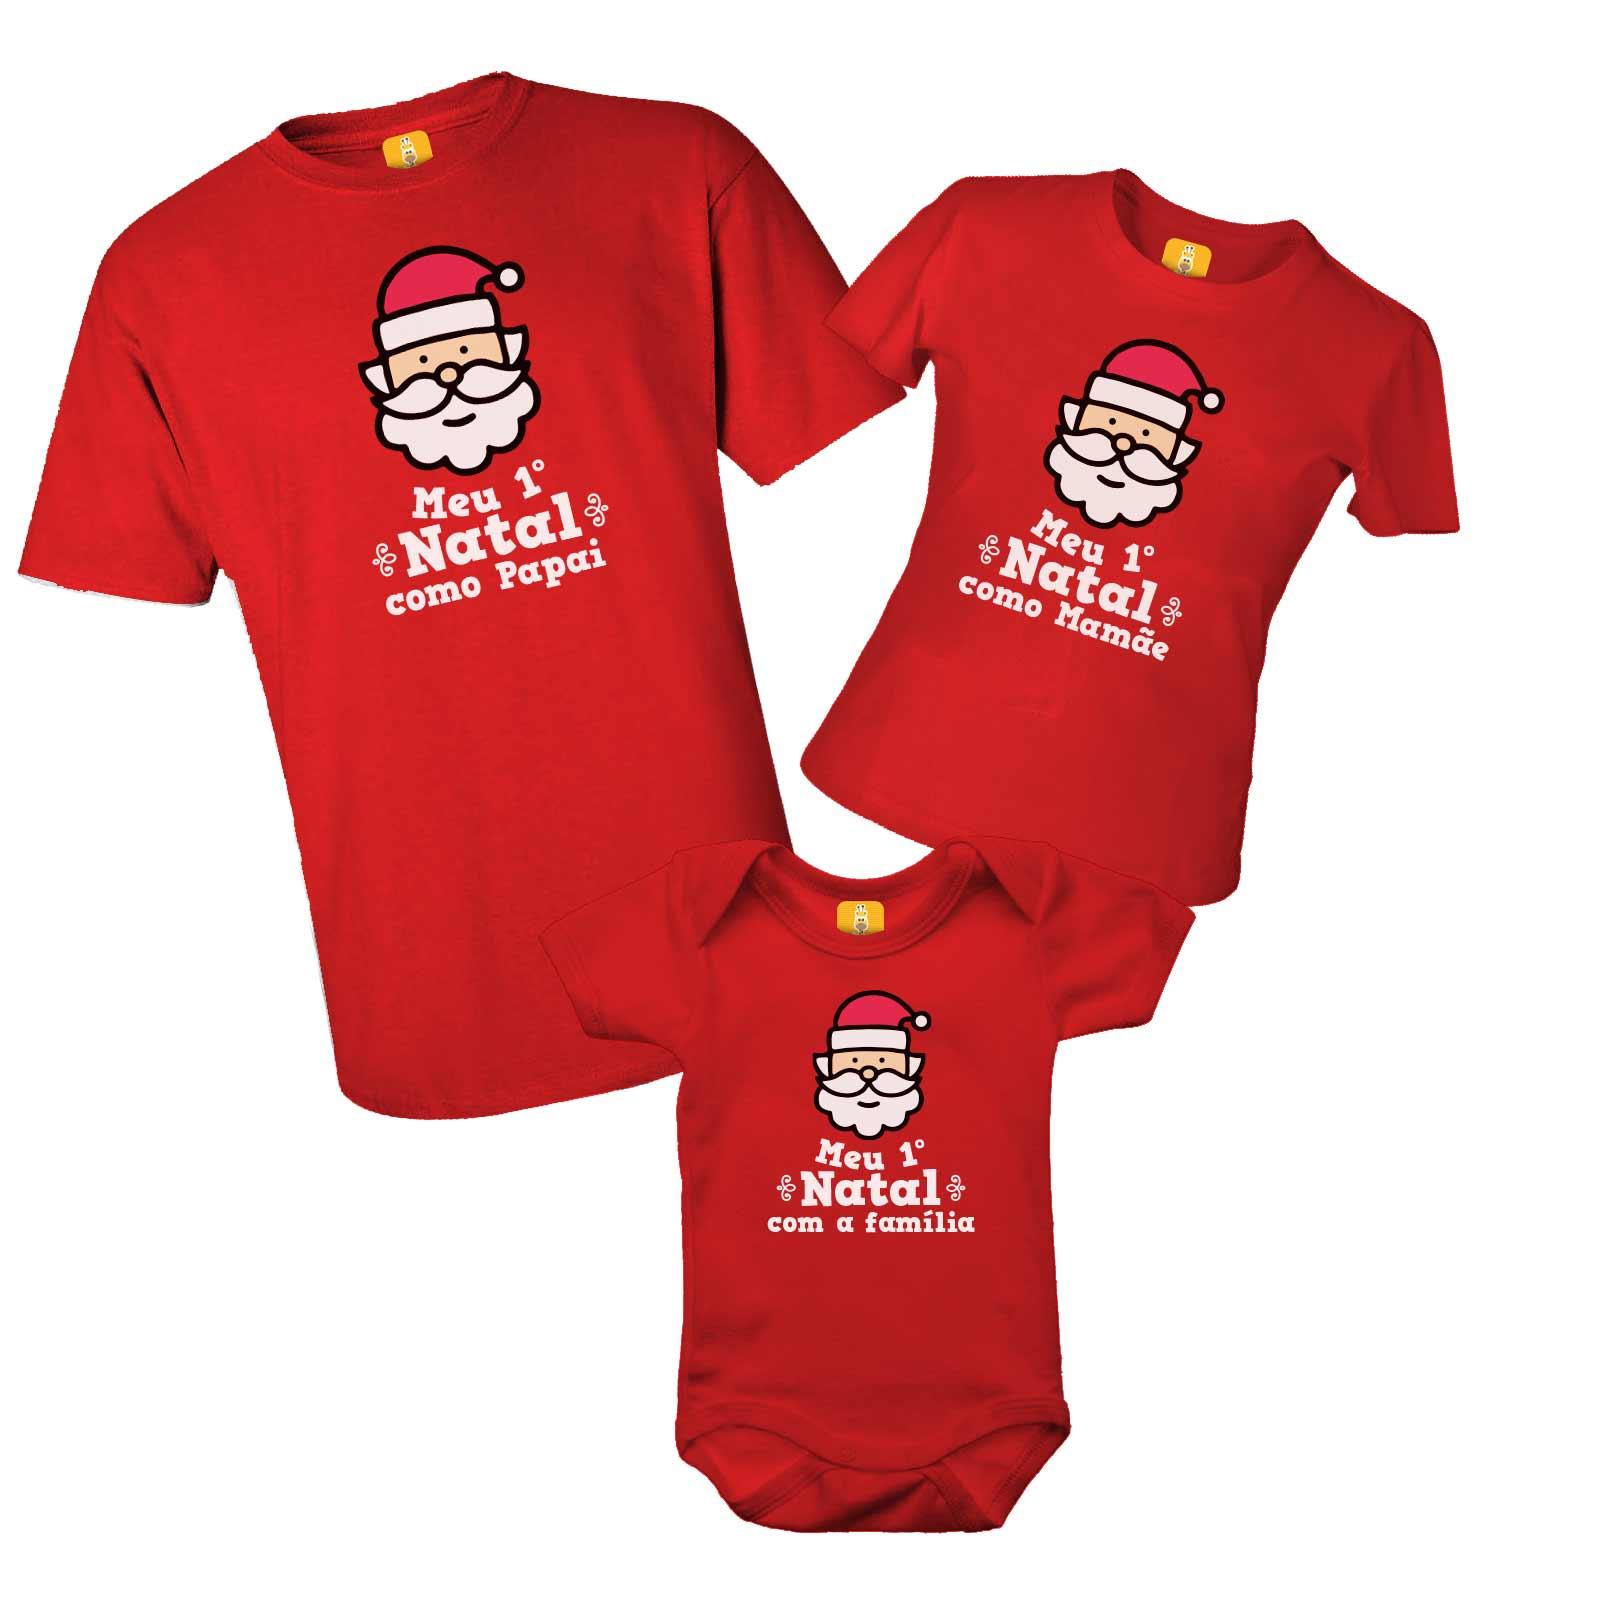 Kit camiseta e body - Meu Primeiro Natal papai noel